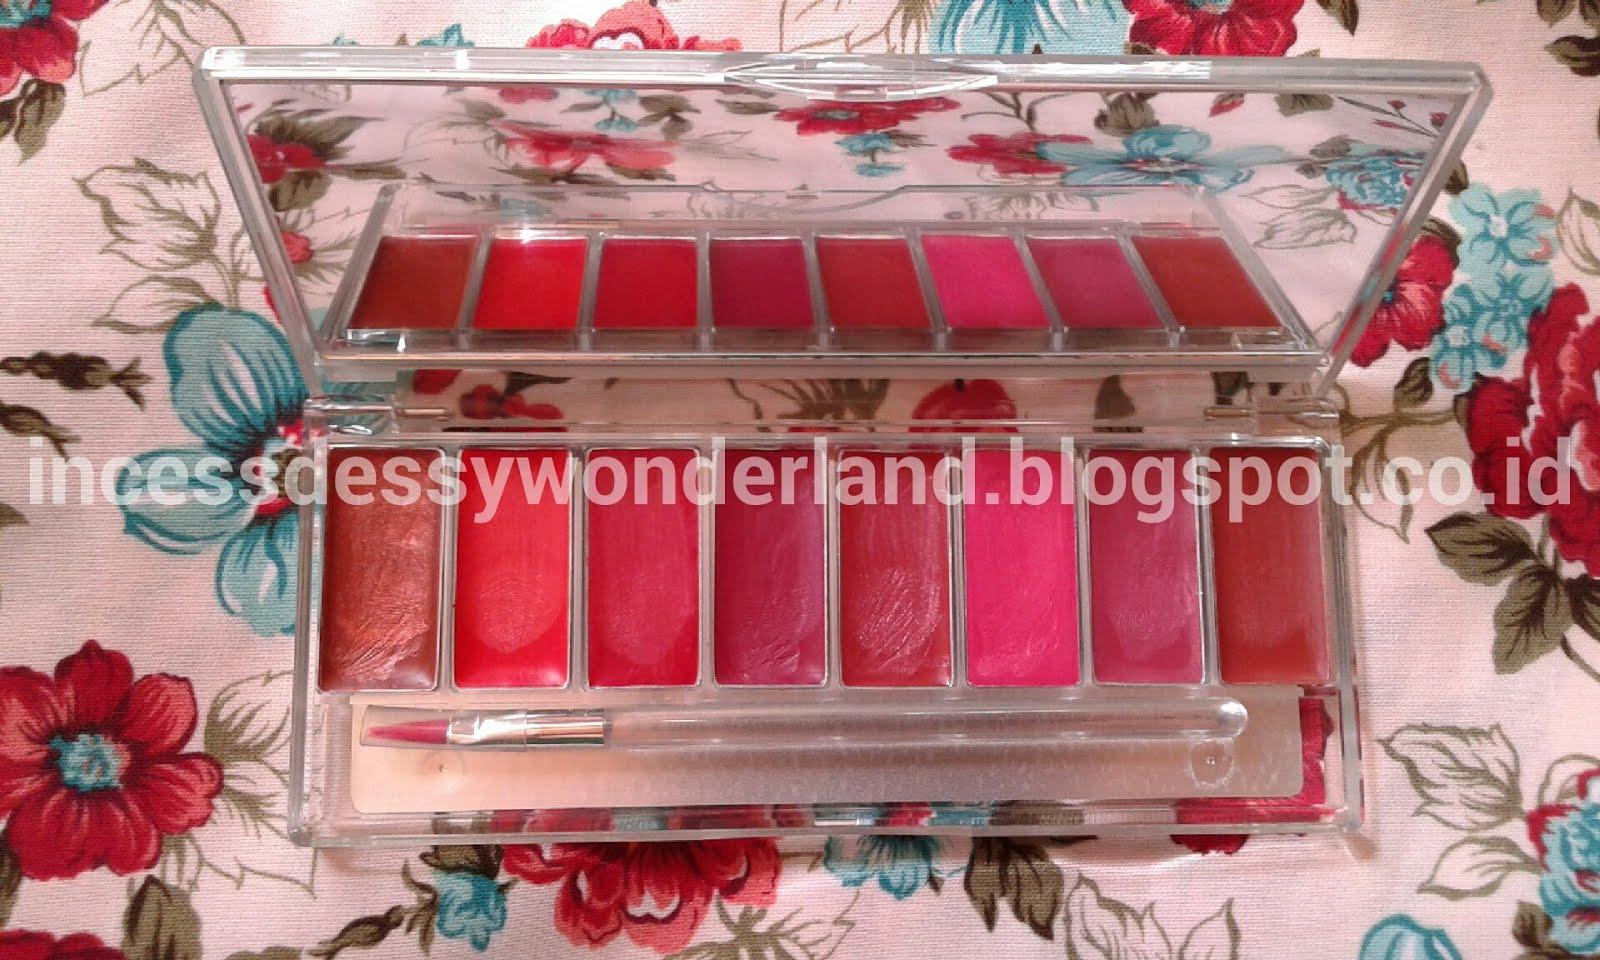 Dessy Journal Review And Swatch Wardah Perfect Red Lip Palette Pinky Peach Bagian Dalamnya Ada 8 Warna Berjajar Sudah Cerminnya Juga Lumayan Besar Lho Seukuran Kemasan